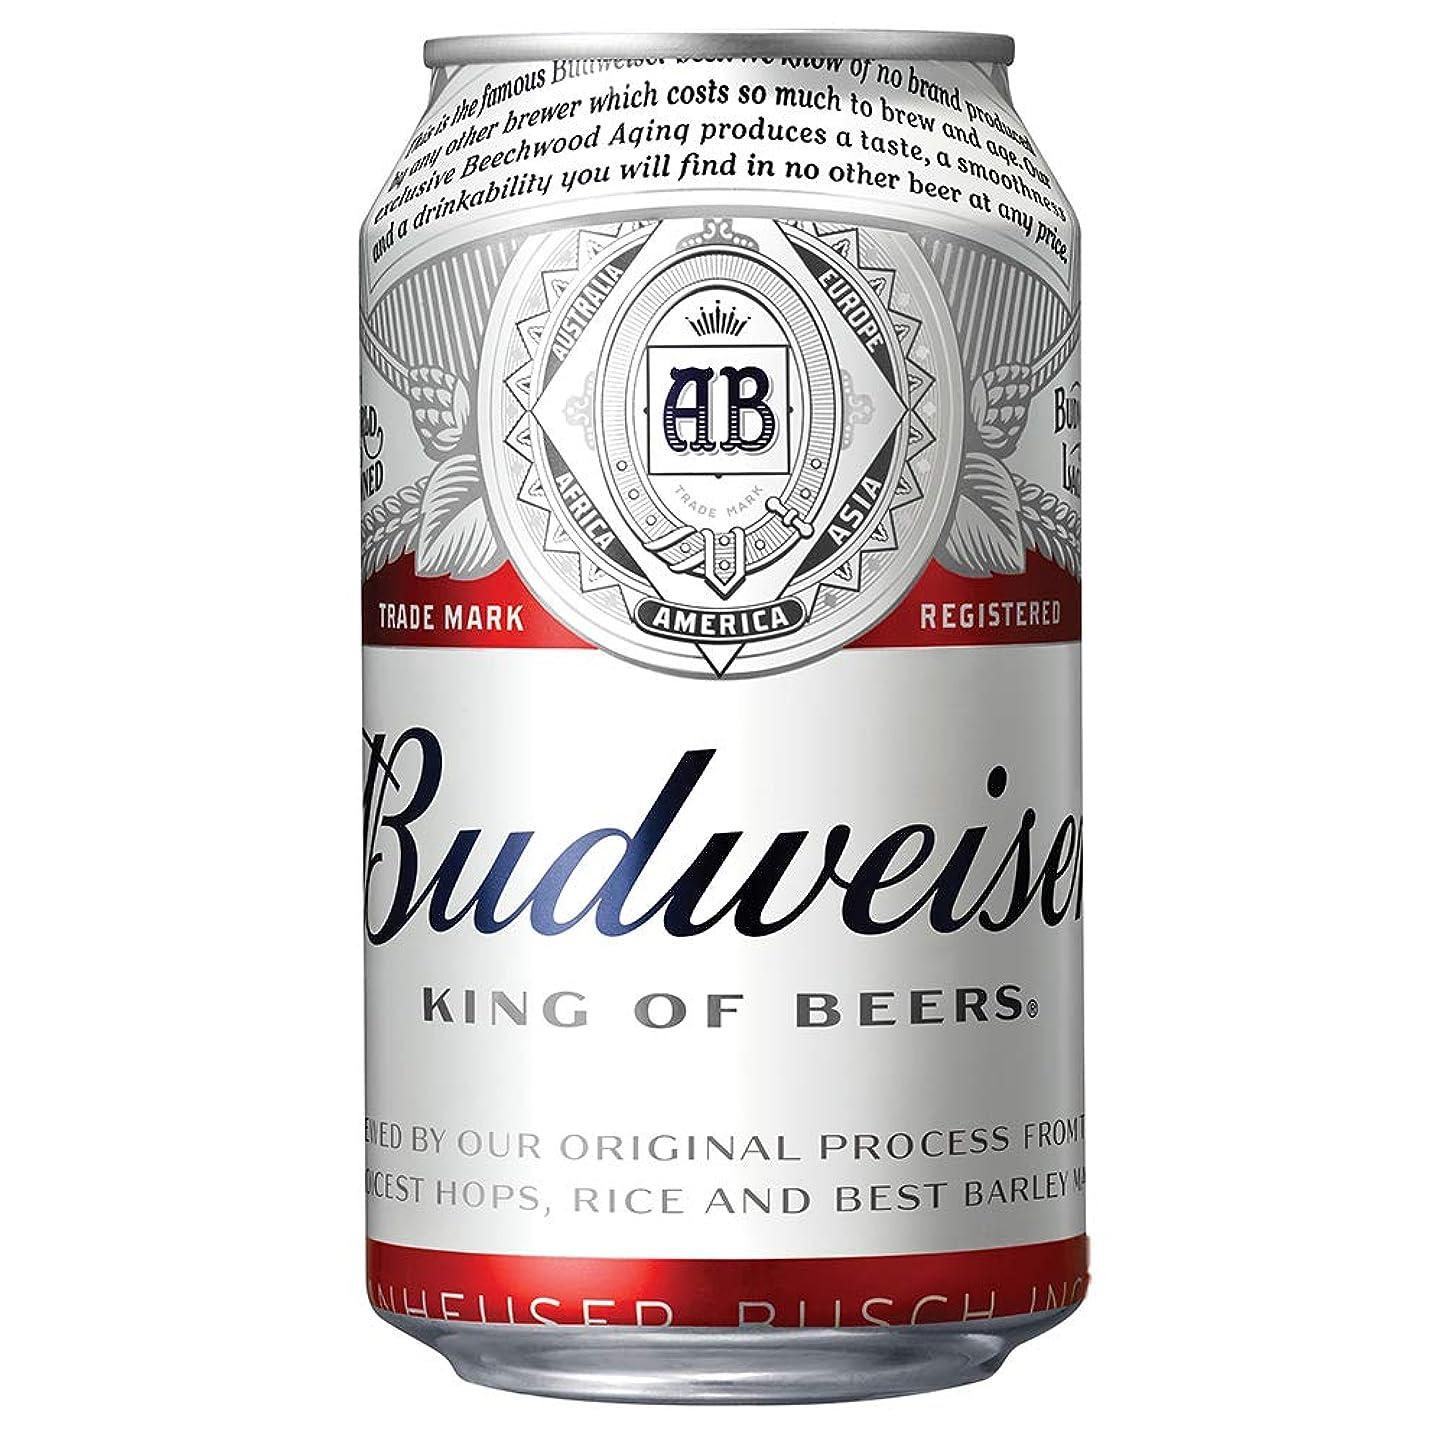 衝突コースいらいらさせる真面目なバドワイザー ビール 355ml缶 [ ラガータイプ アメリカ 355ml×24本 ]